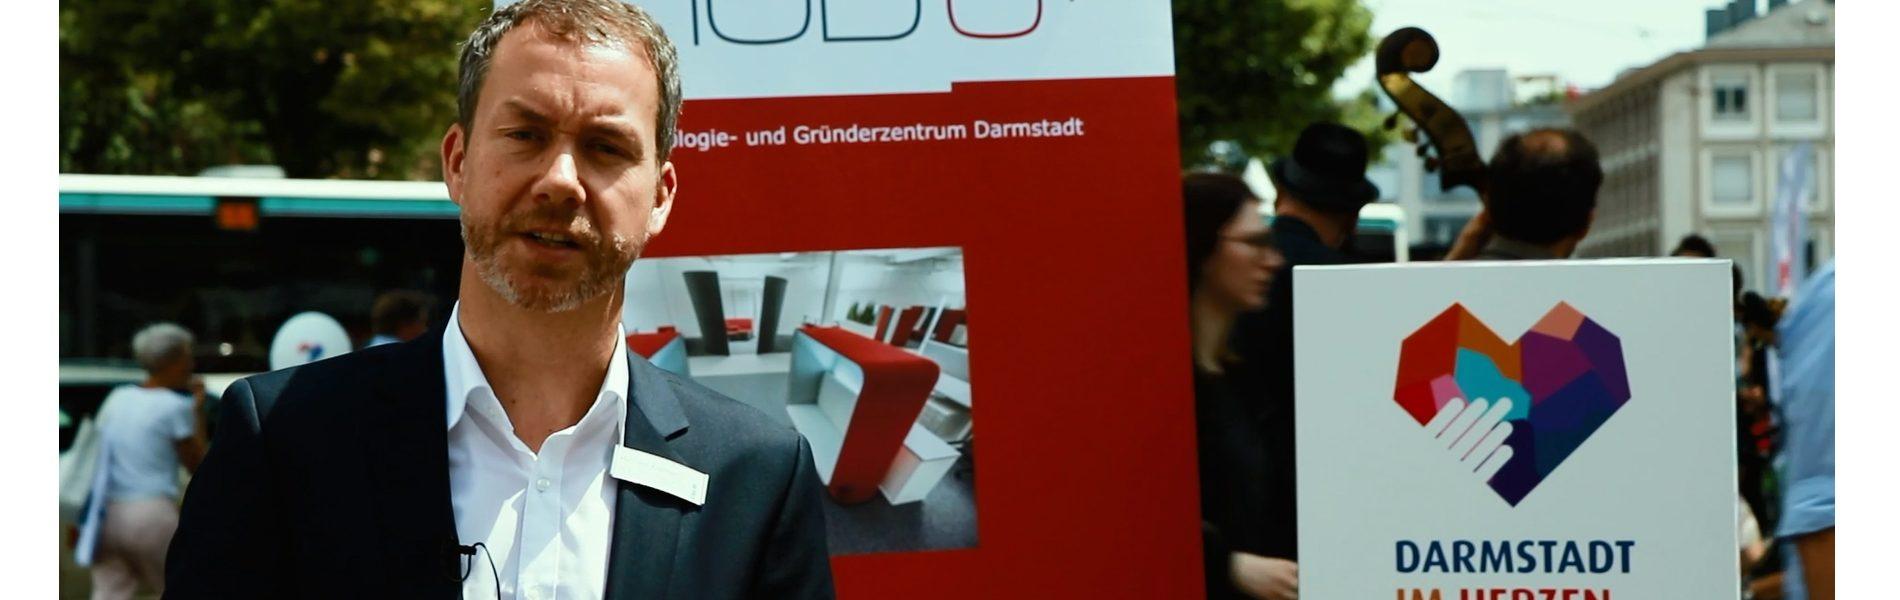 Header Bild Michael Kolmer, Geschäftsführer von Darmstadts Technologie- und Gründerzentrum HUB 31,im Video